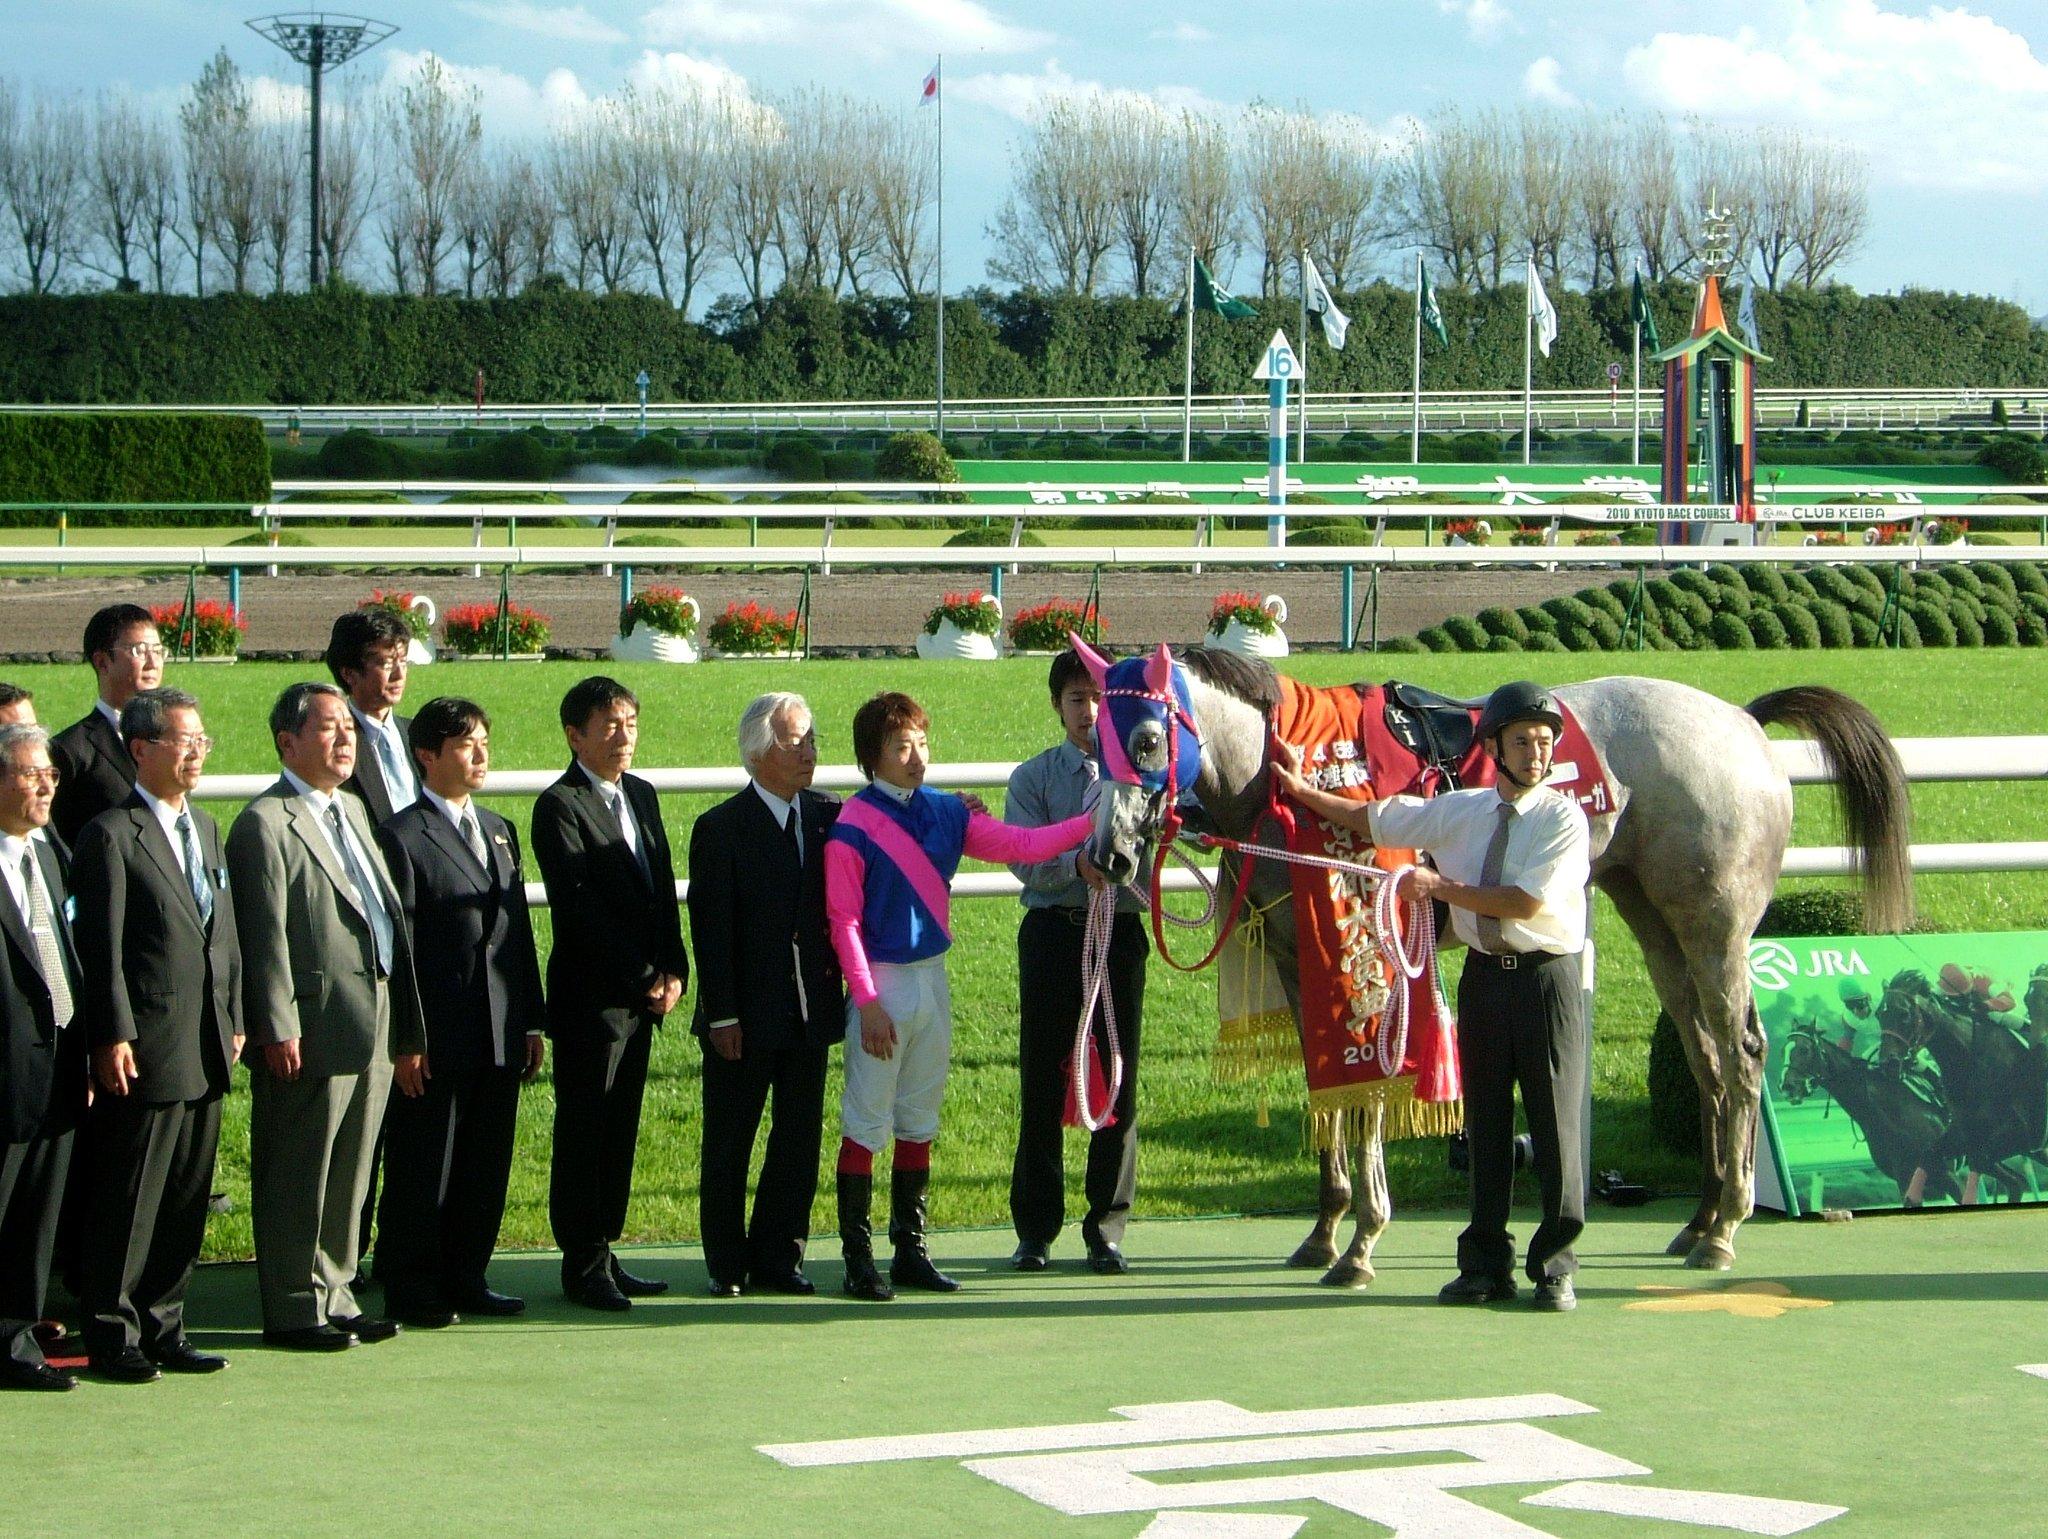 [京都大賞典]ヒシアマゾンにスイープトウショウ……。淀の大賞典を駆け抜けた牝馬たちの軌跡。